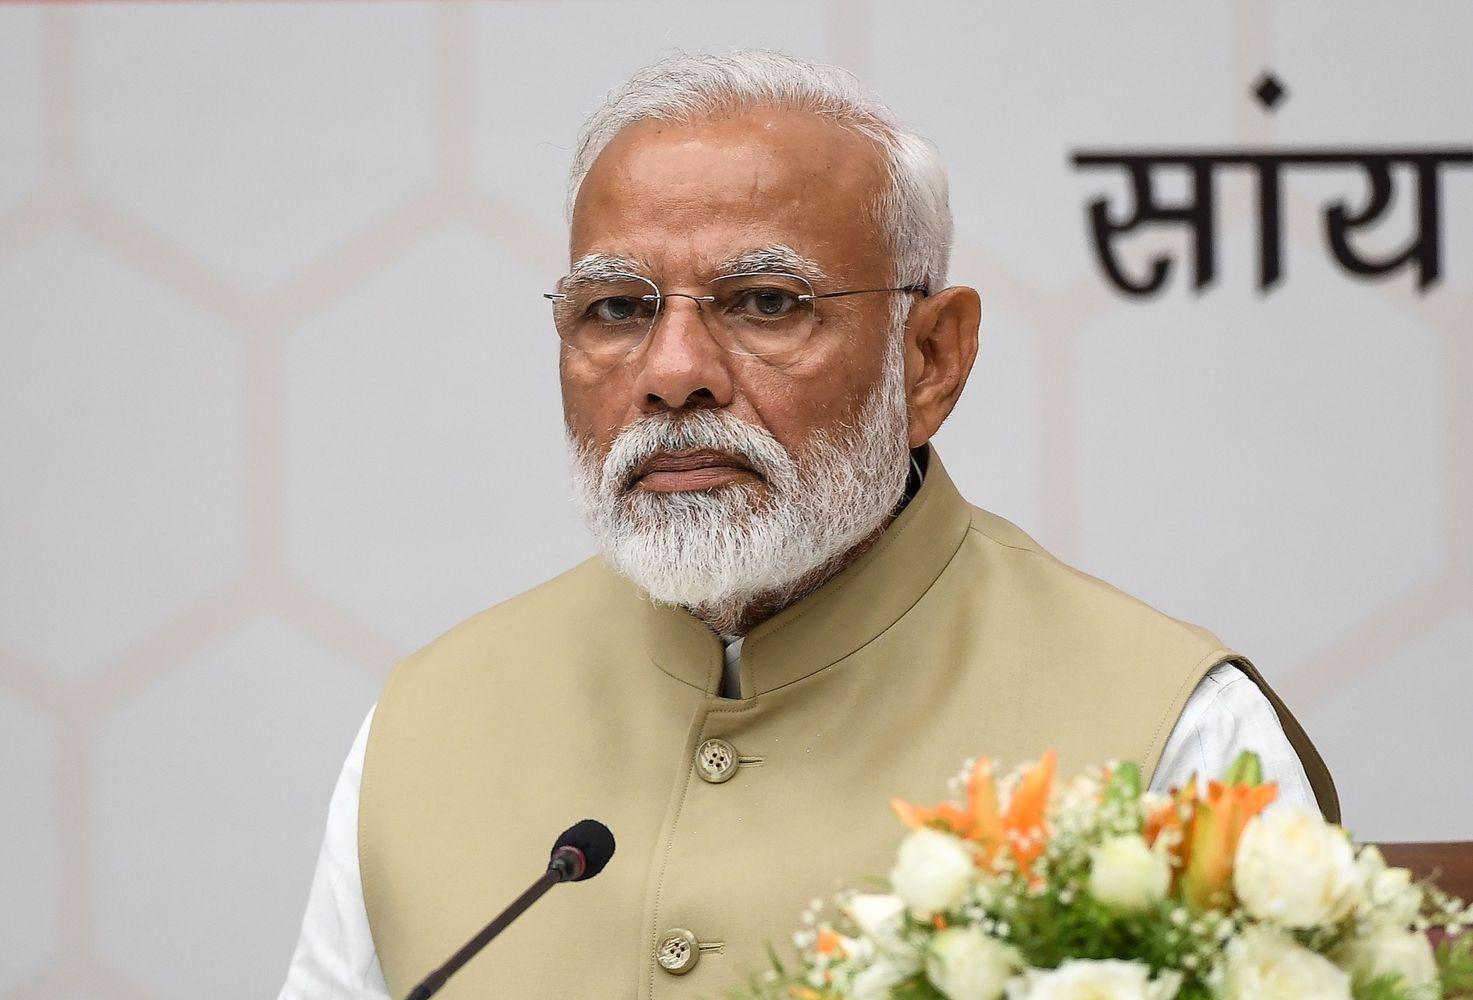 Indijos premjeraspakeliuiįtriuškinančią pergalę parlamento rinkimuose